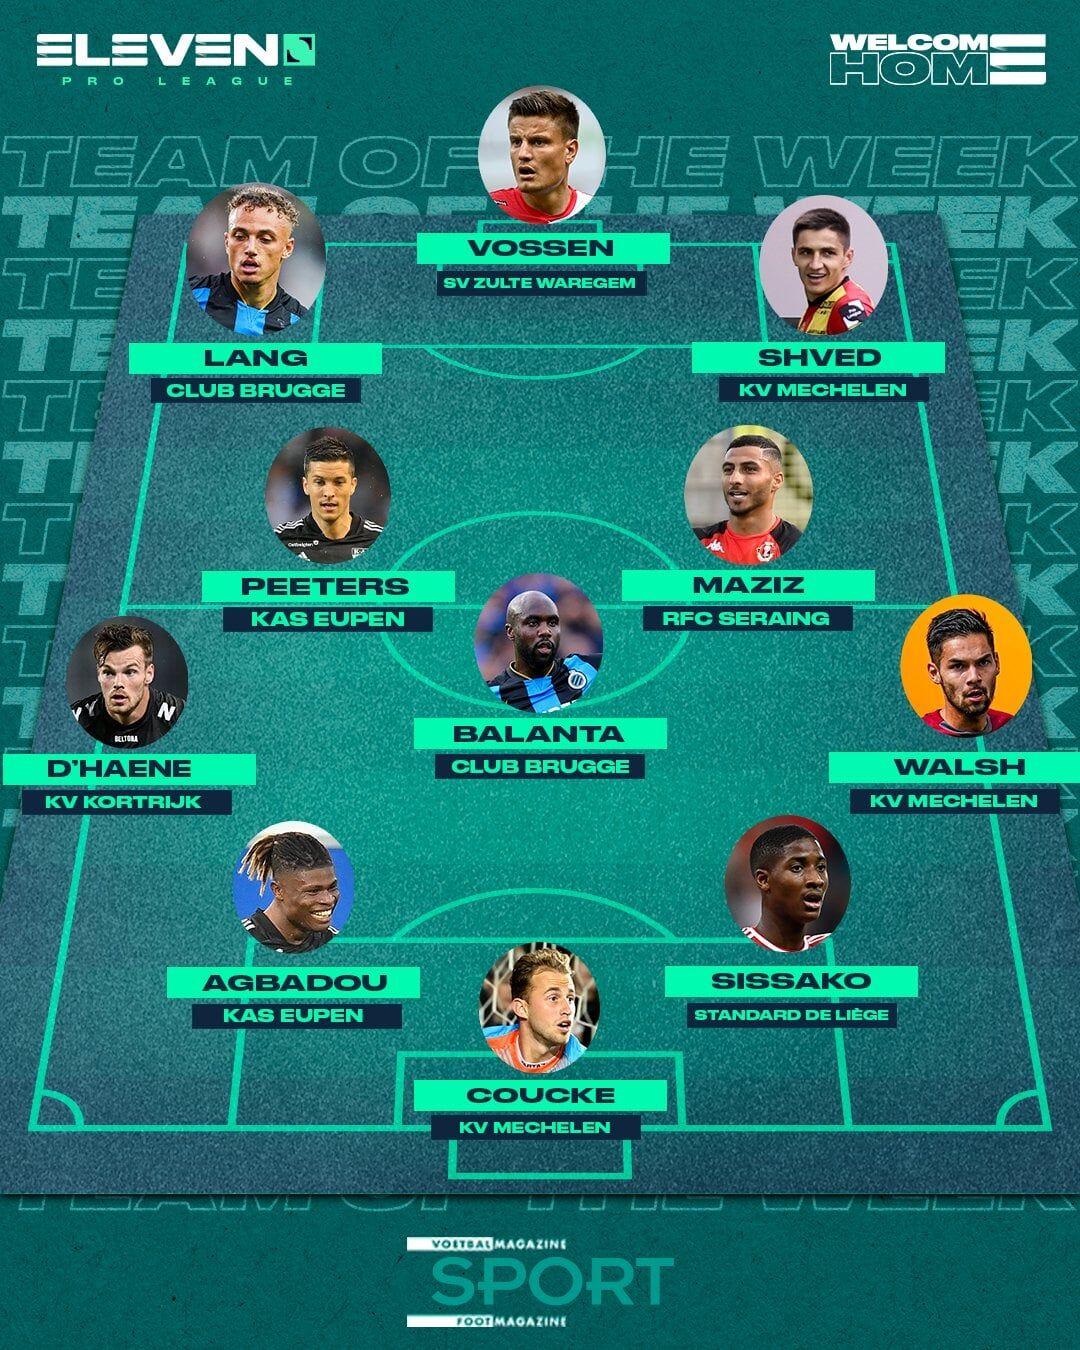 Швед попал в сборную тура чемпионата Бельгии по версии Eleven Sports - изображение 1